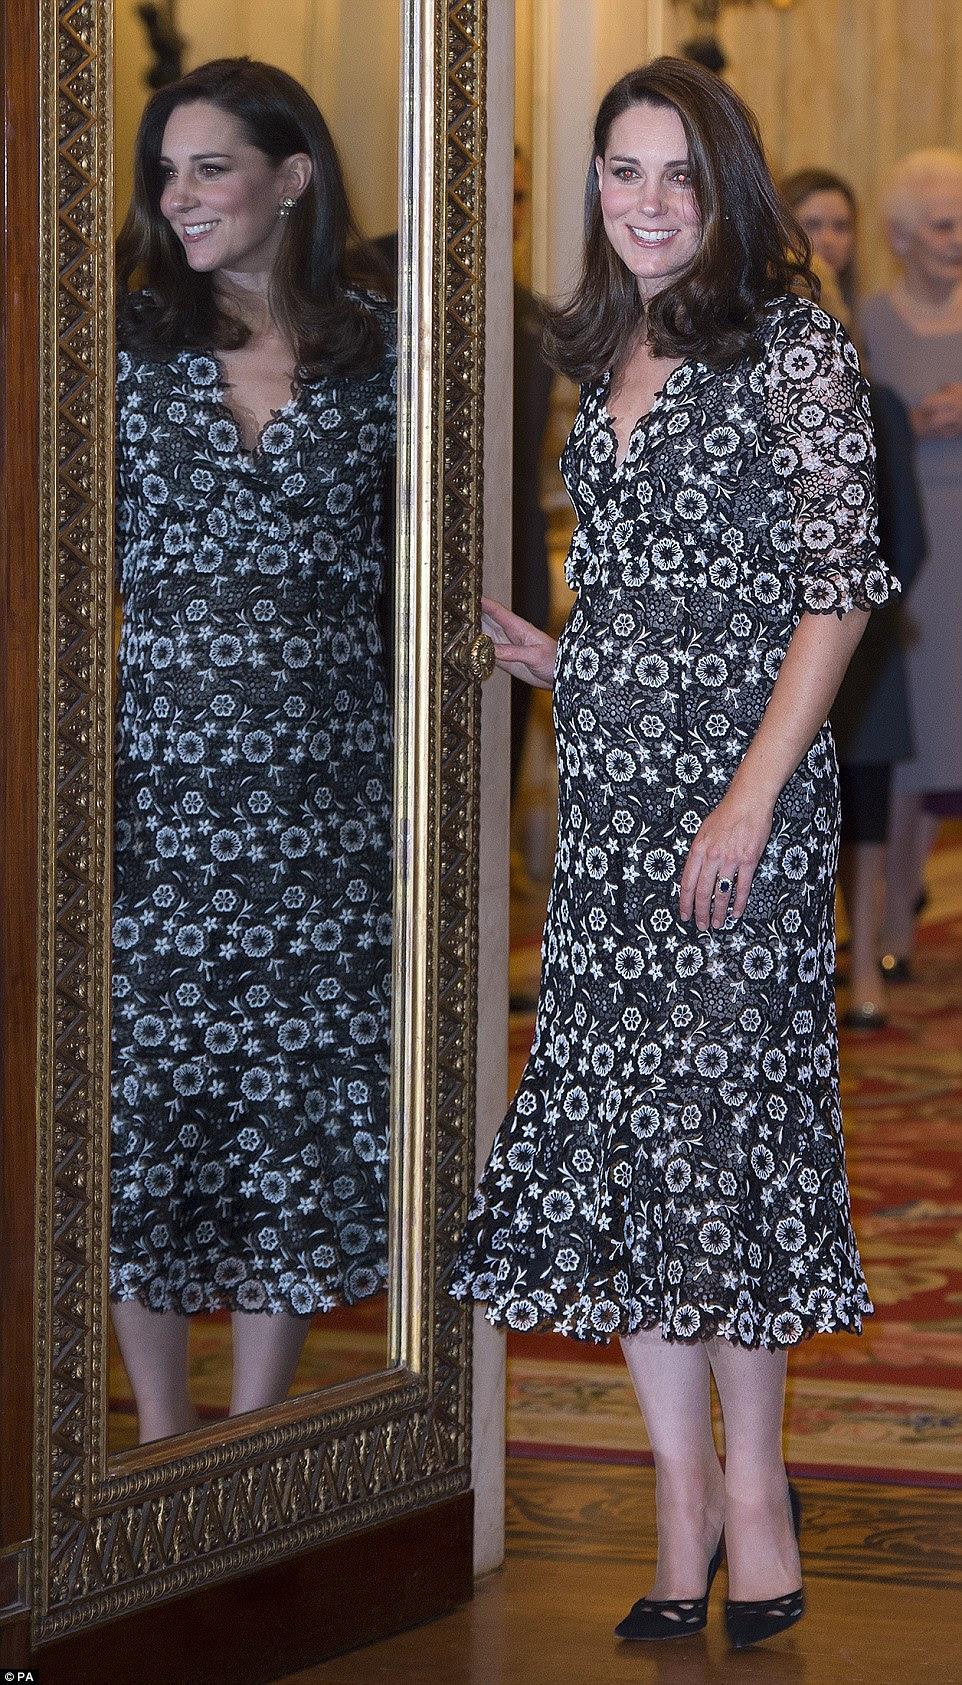 Espelho de espelho na parede ...: Kate sorriu enquanto posava ao lado de um espelho ornamentado no evento glamuroso